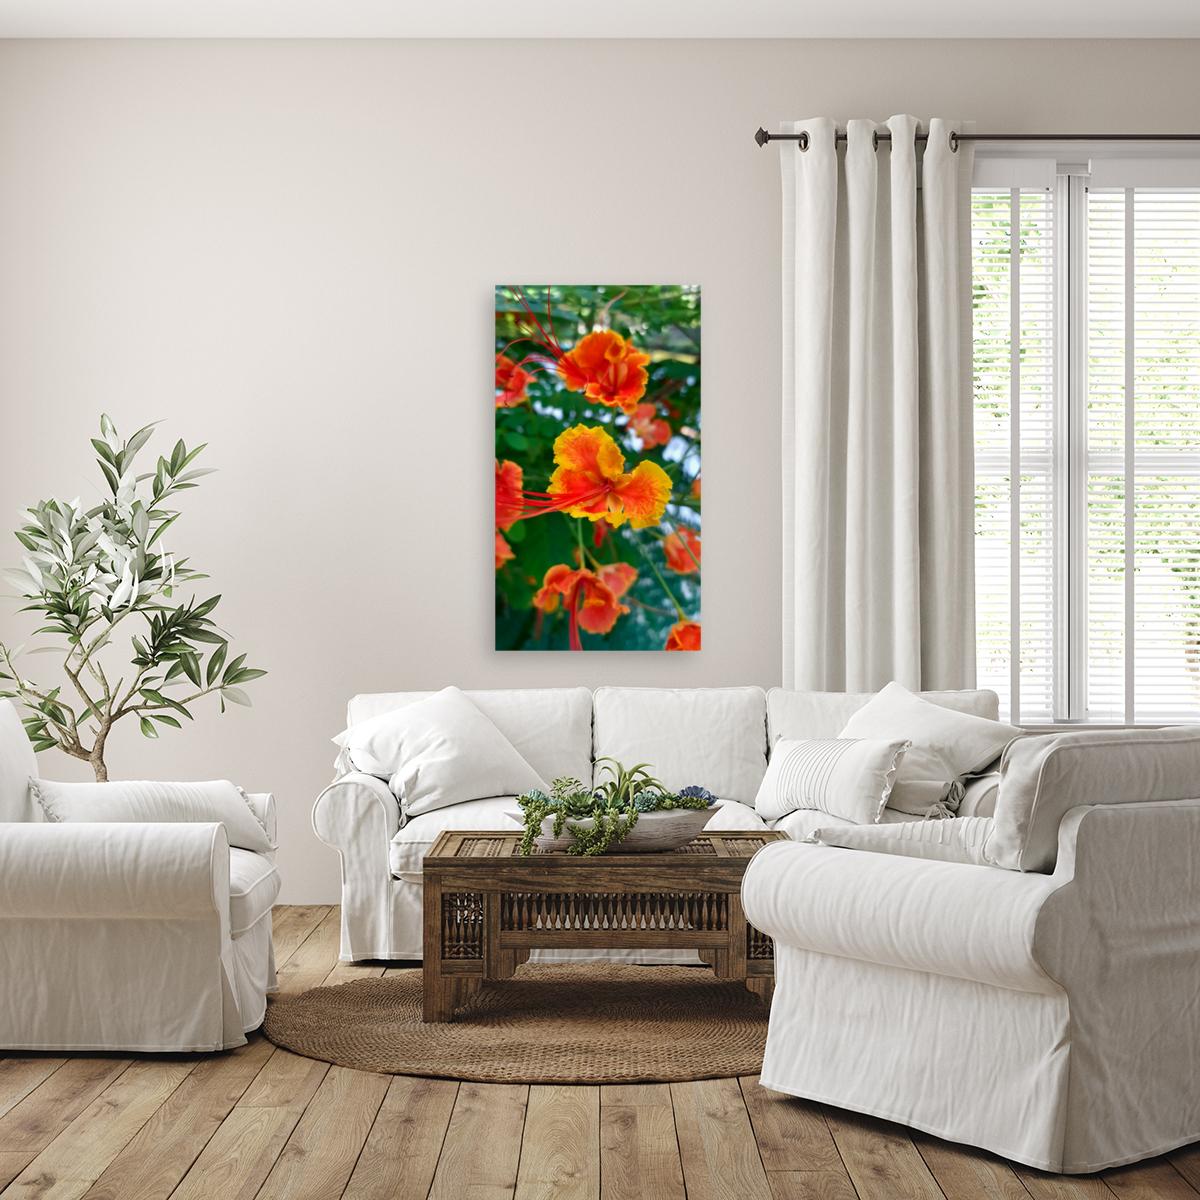 Orange gumamela  Art